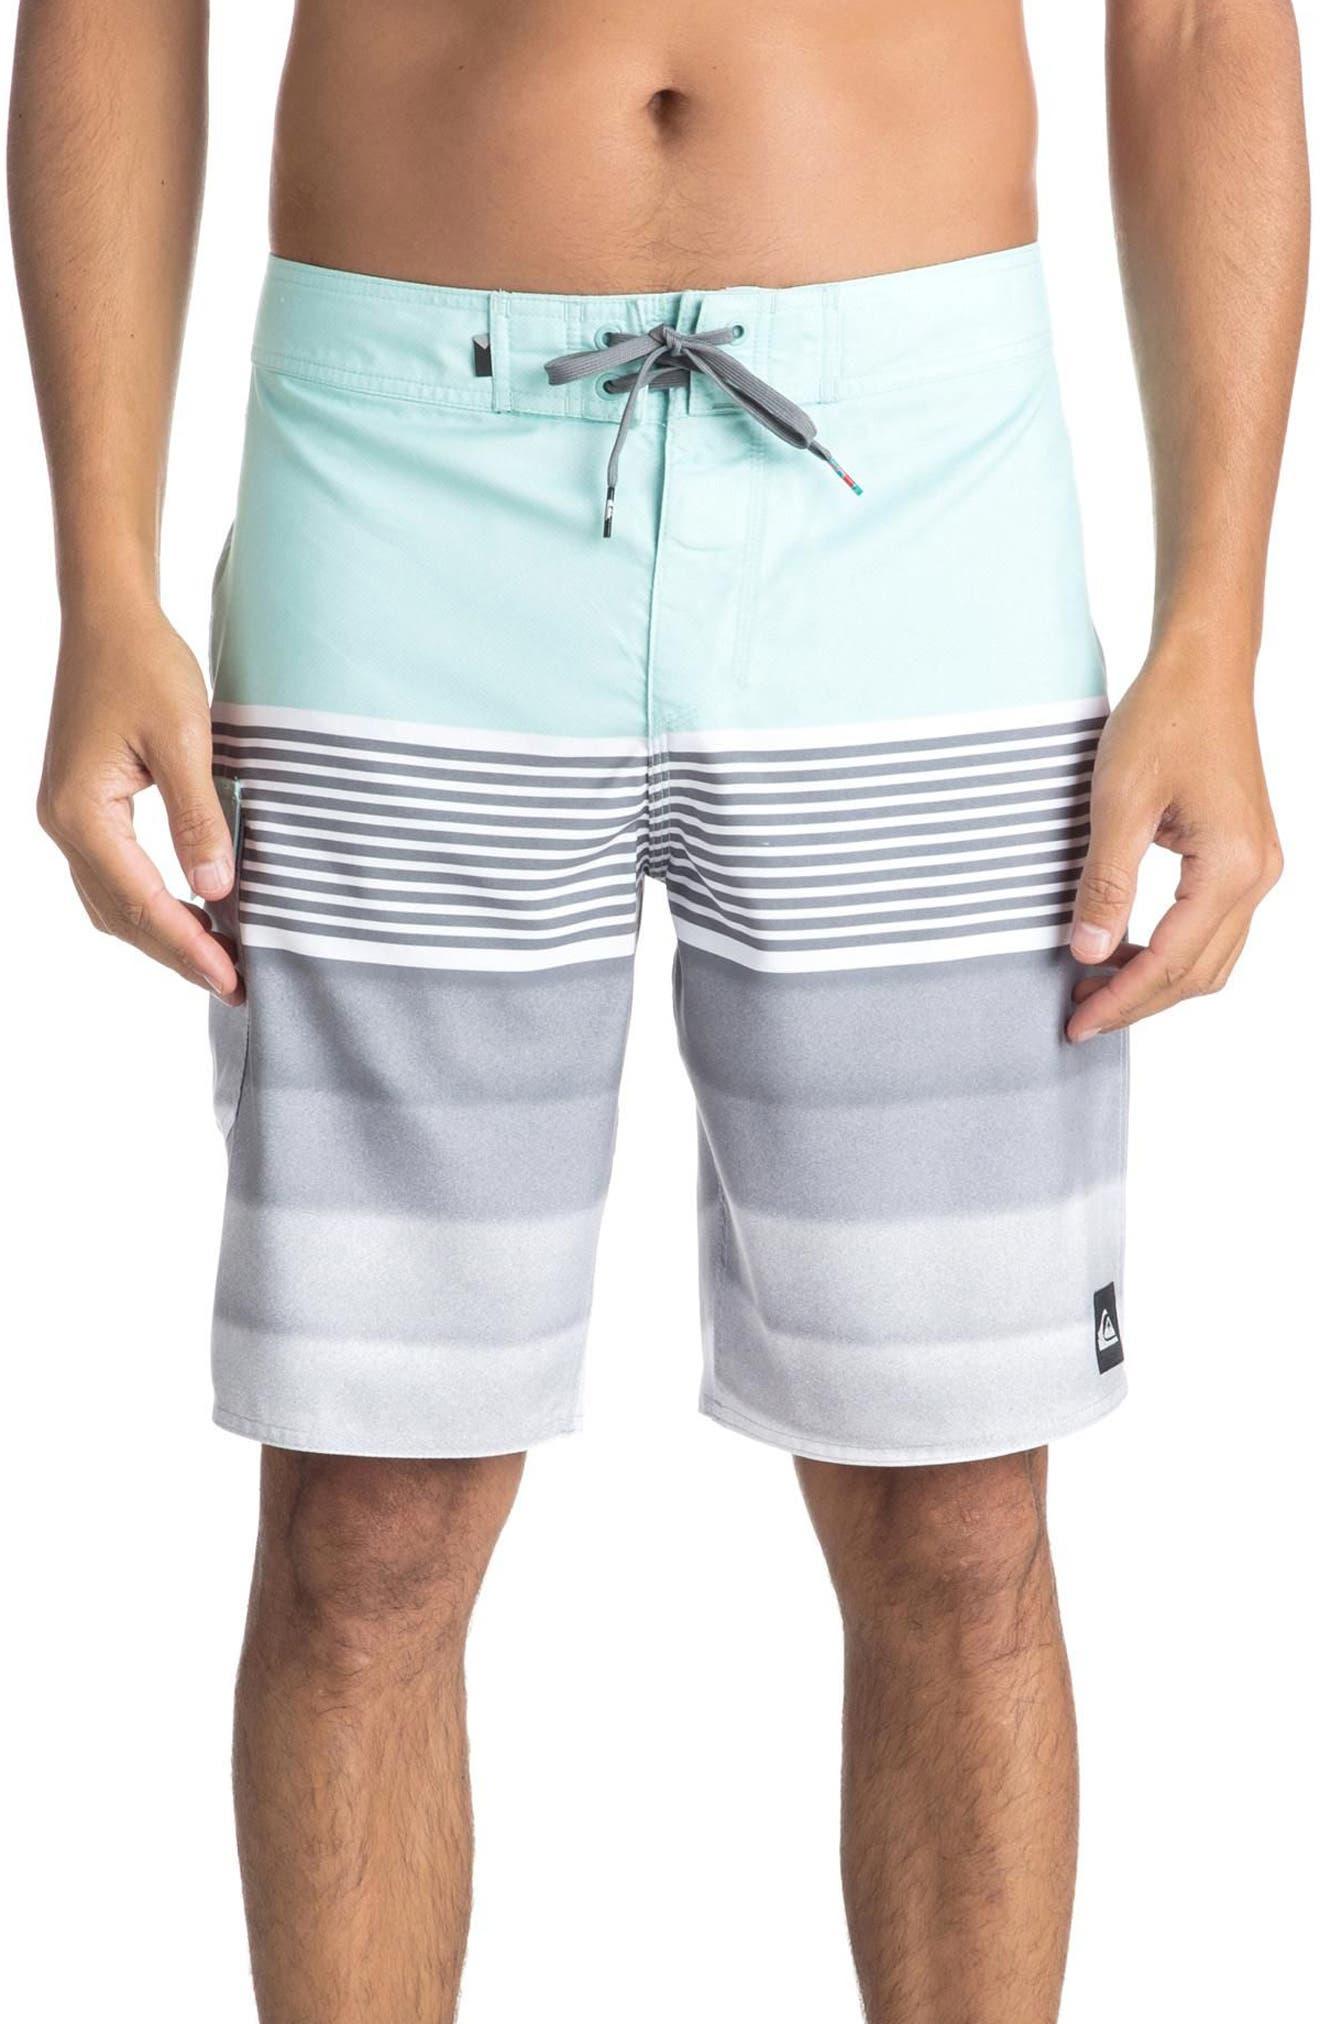 Division Board Shorts,                             Main thumbnail 1, color,                             Eggshell Blue